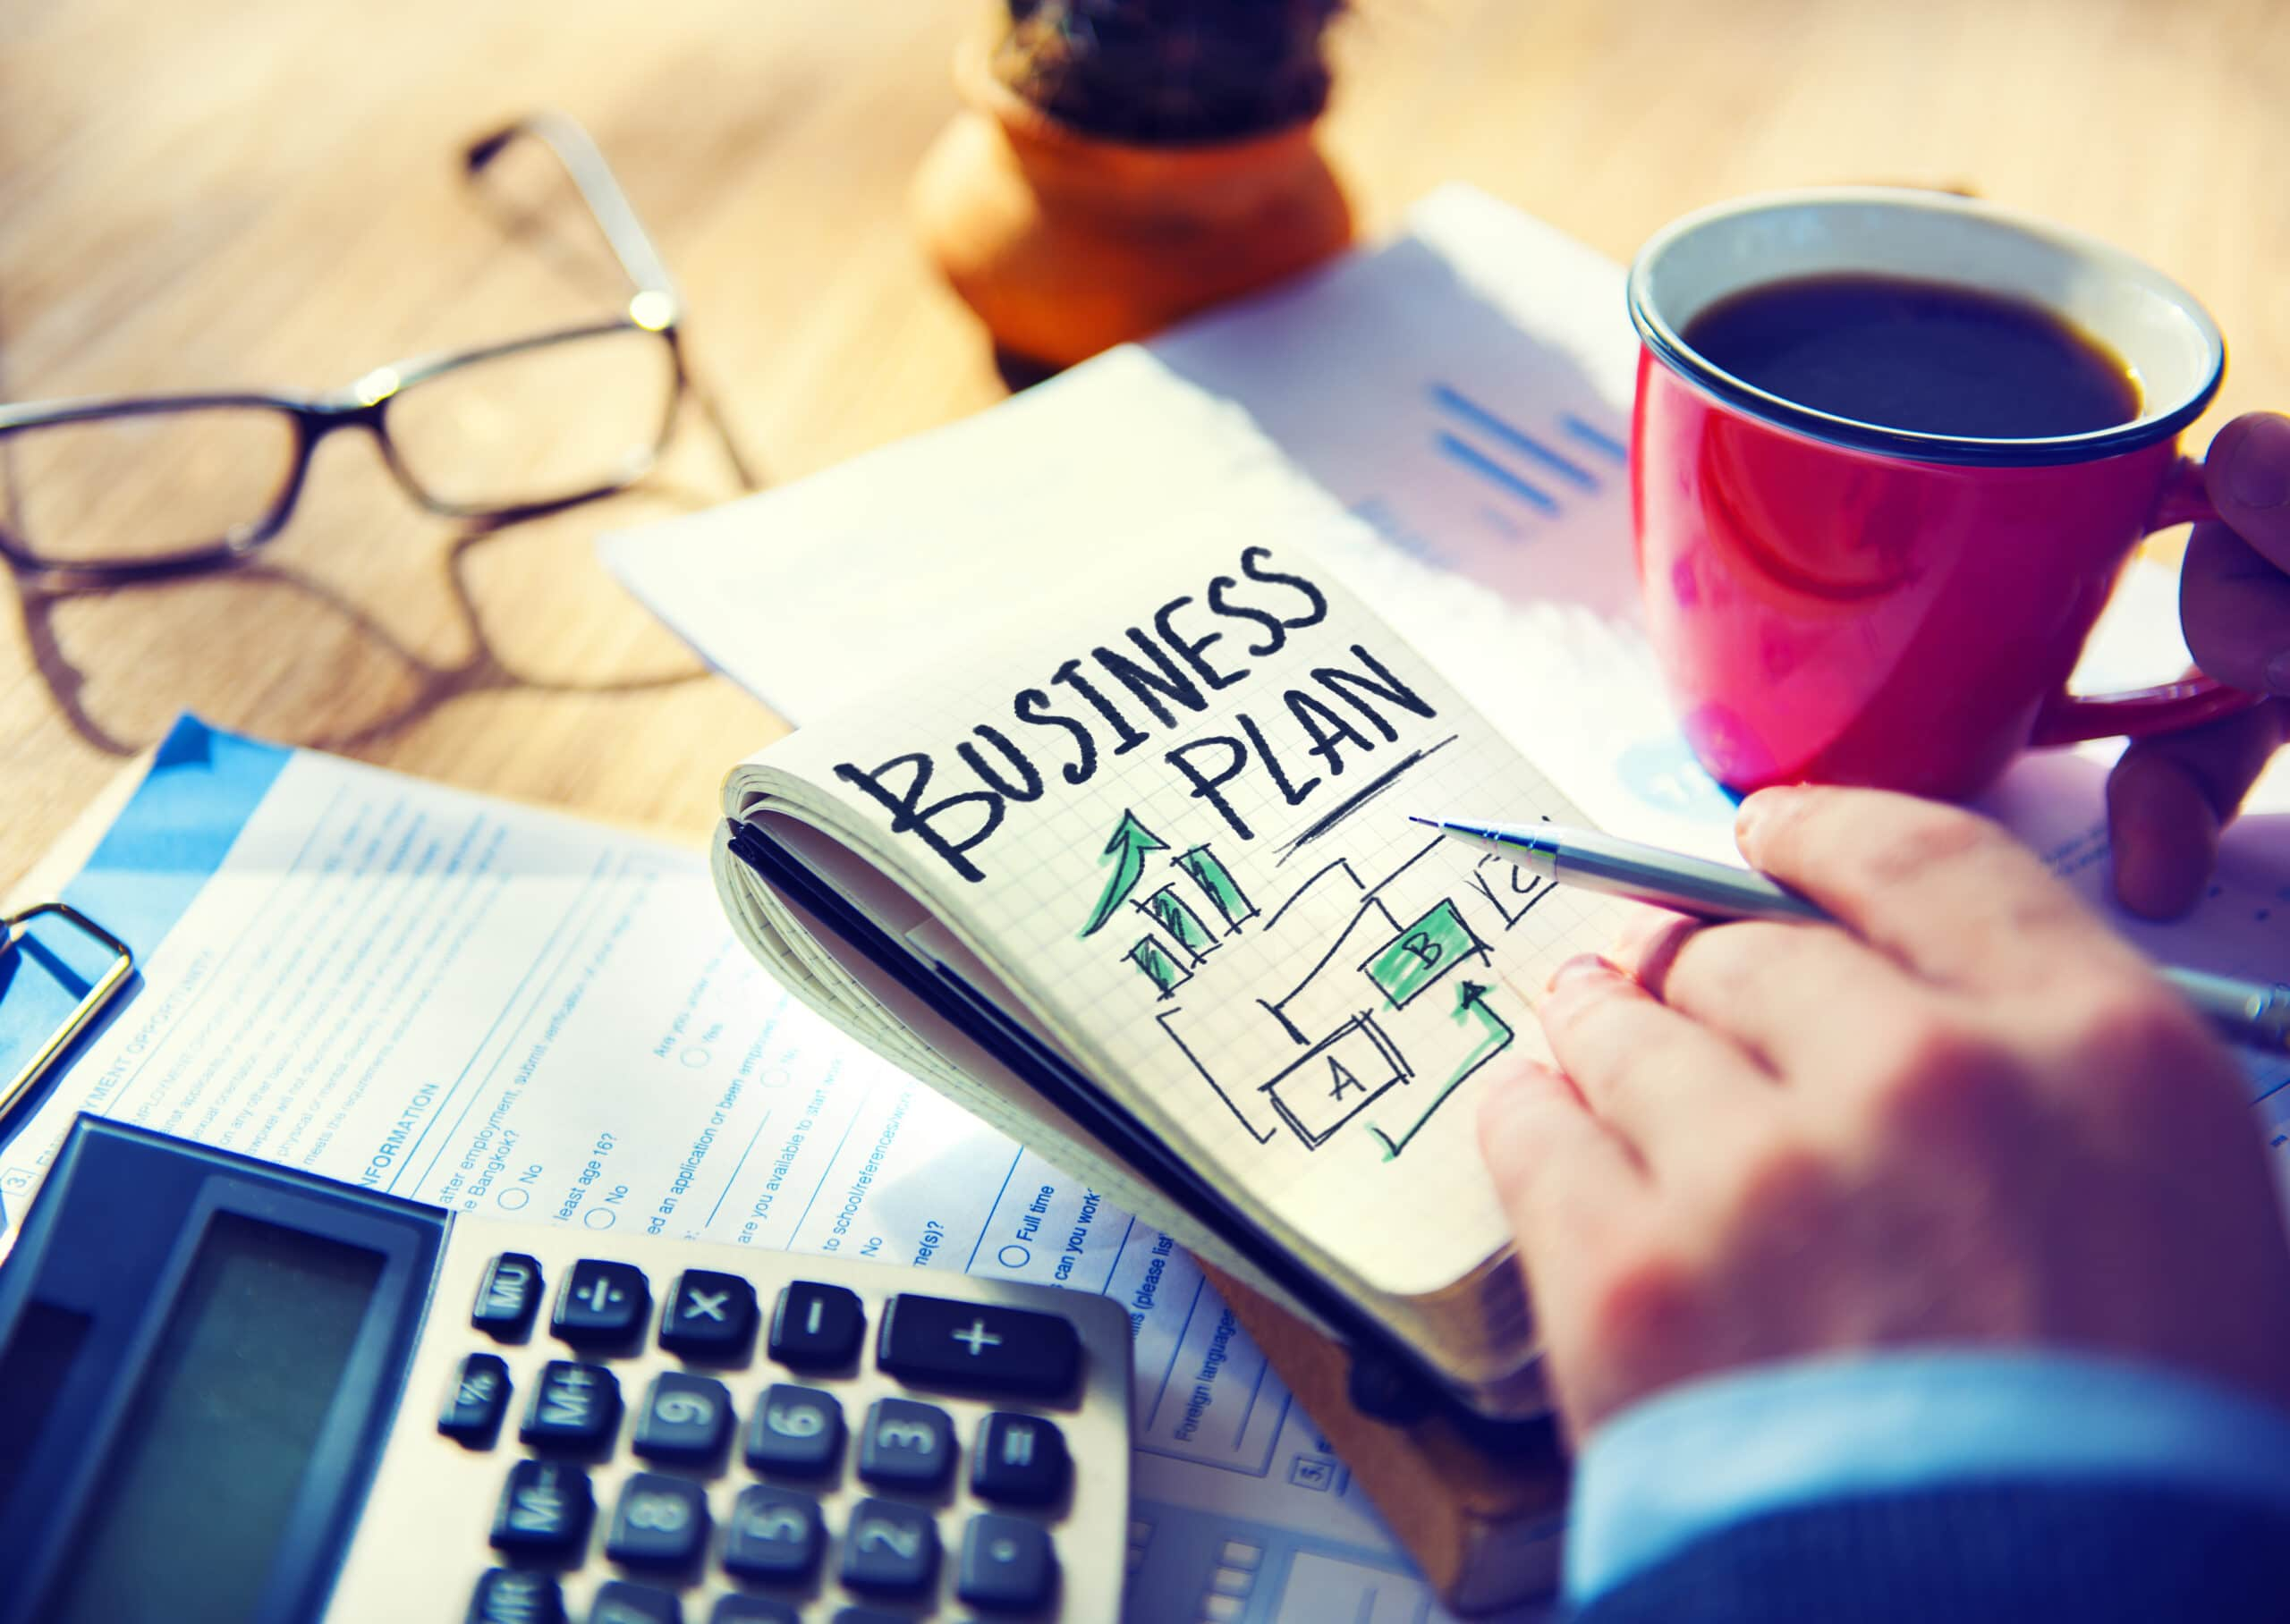 Yrittäjä laatii liiketoimintasuunnitelmaa starttirahahakemusta varten.